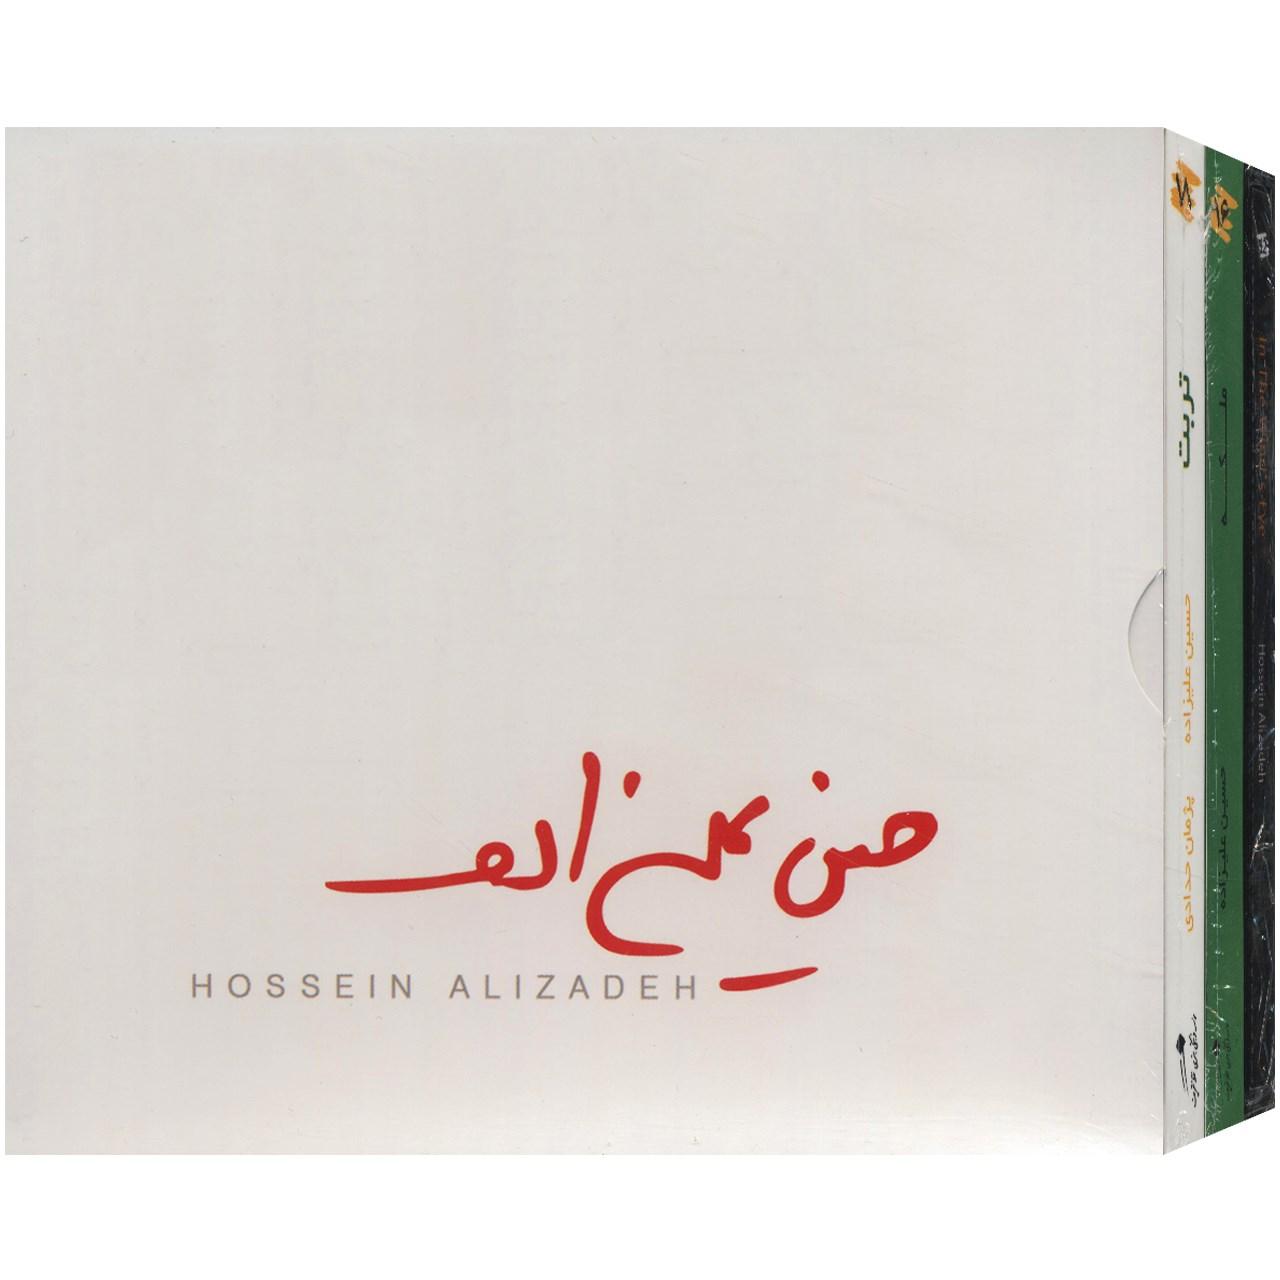 آلبوم های موسیقی حسین علیزاده - مجموعه ی 3 عددی